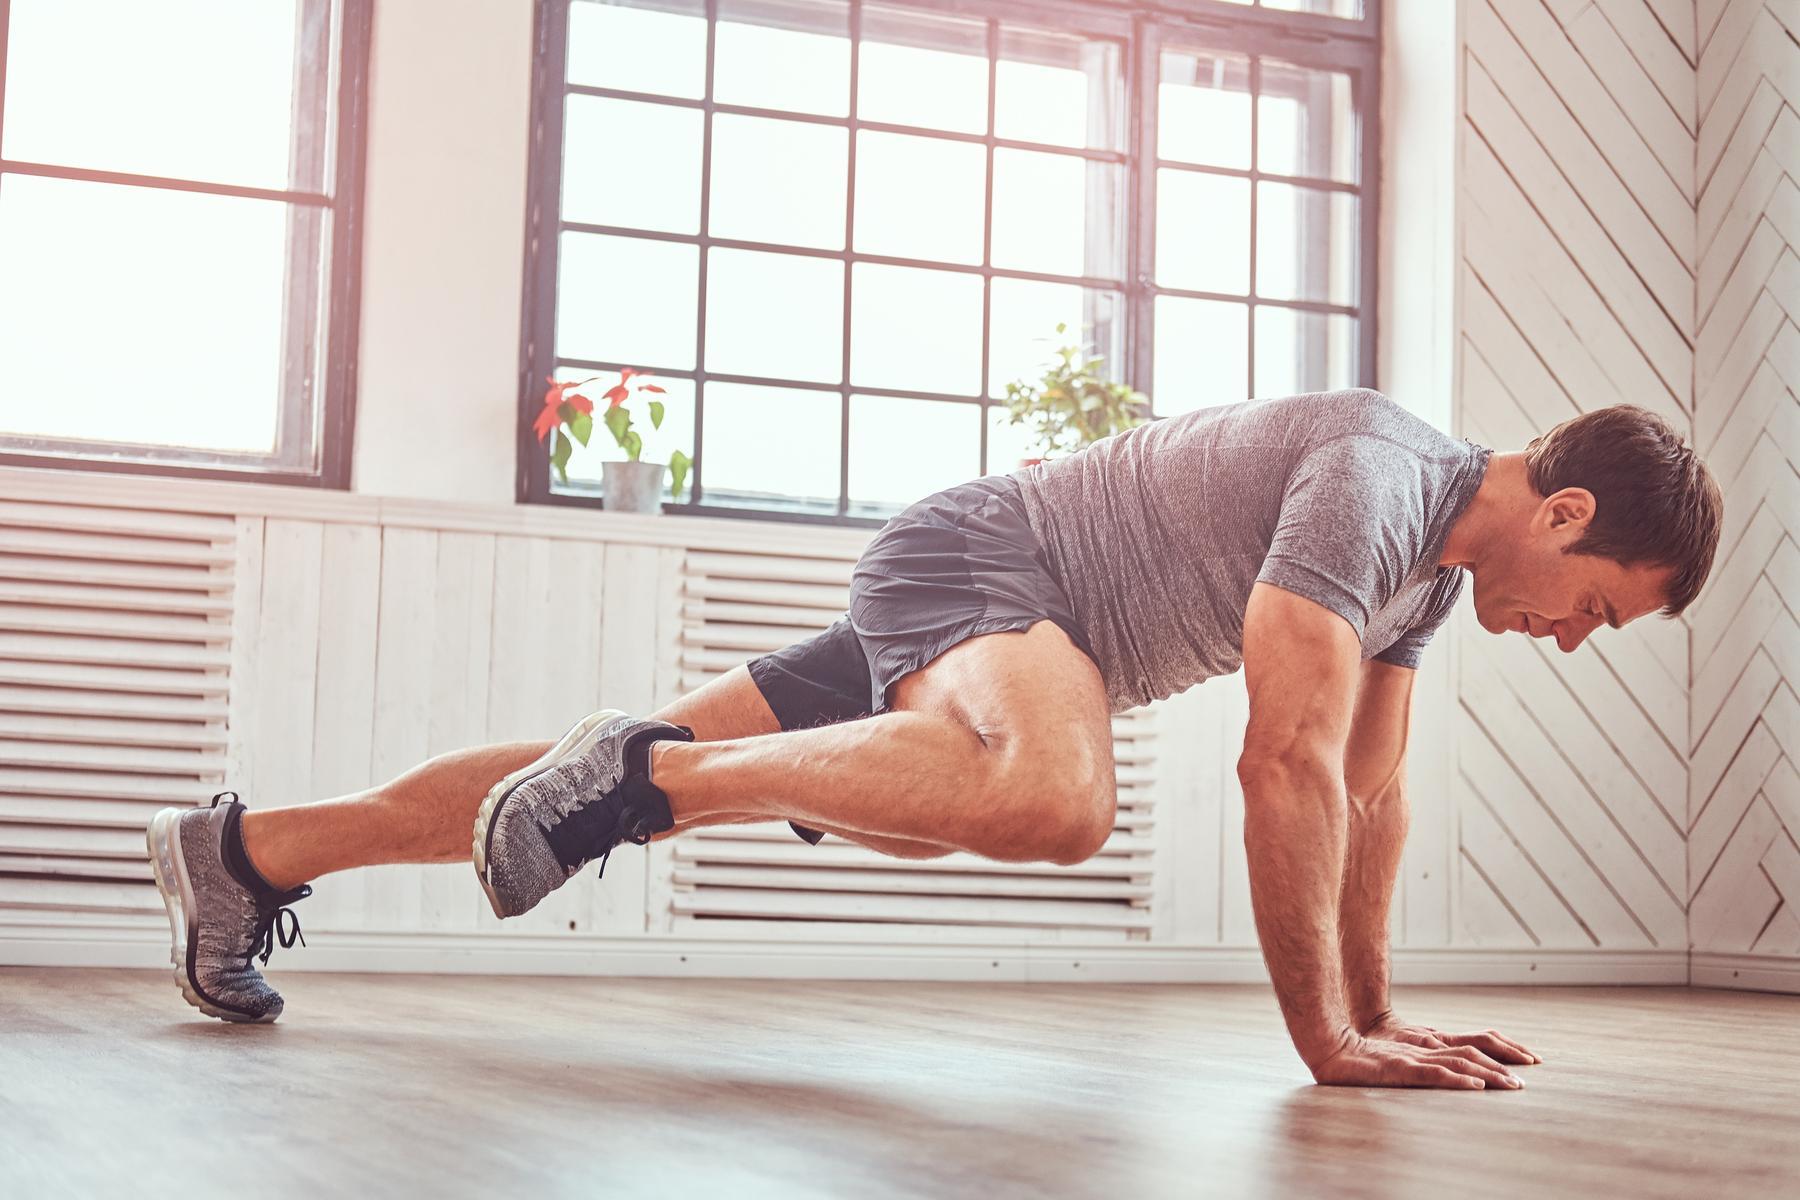 É Possível Ganhar Músculo Apenas Com Exercícios De Peso Corporal?